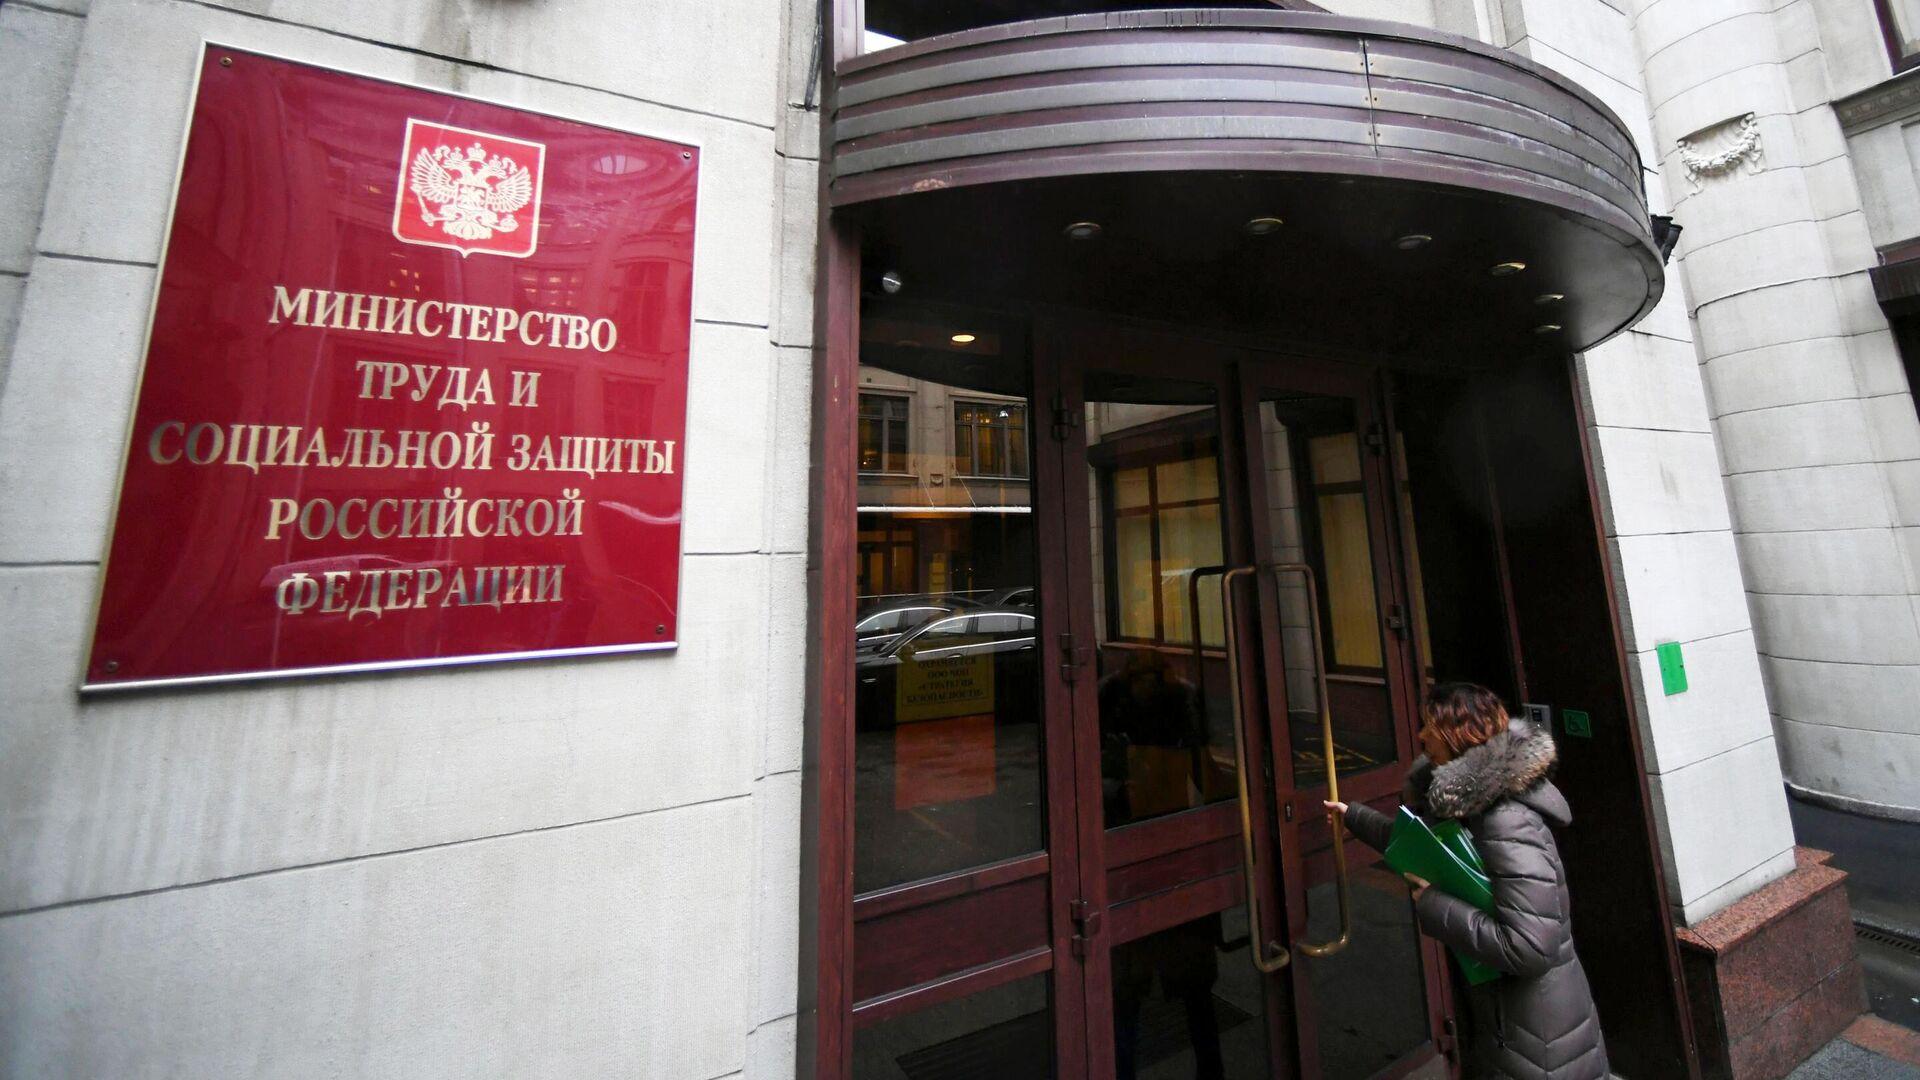 Здание Министерства труда и социальной защиты Российской Федерации - РИА Новости, 1920, 28.01.2021